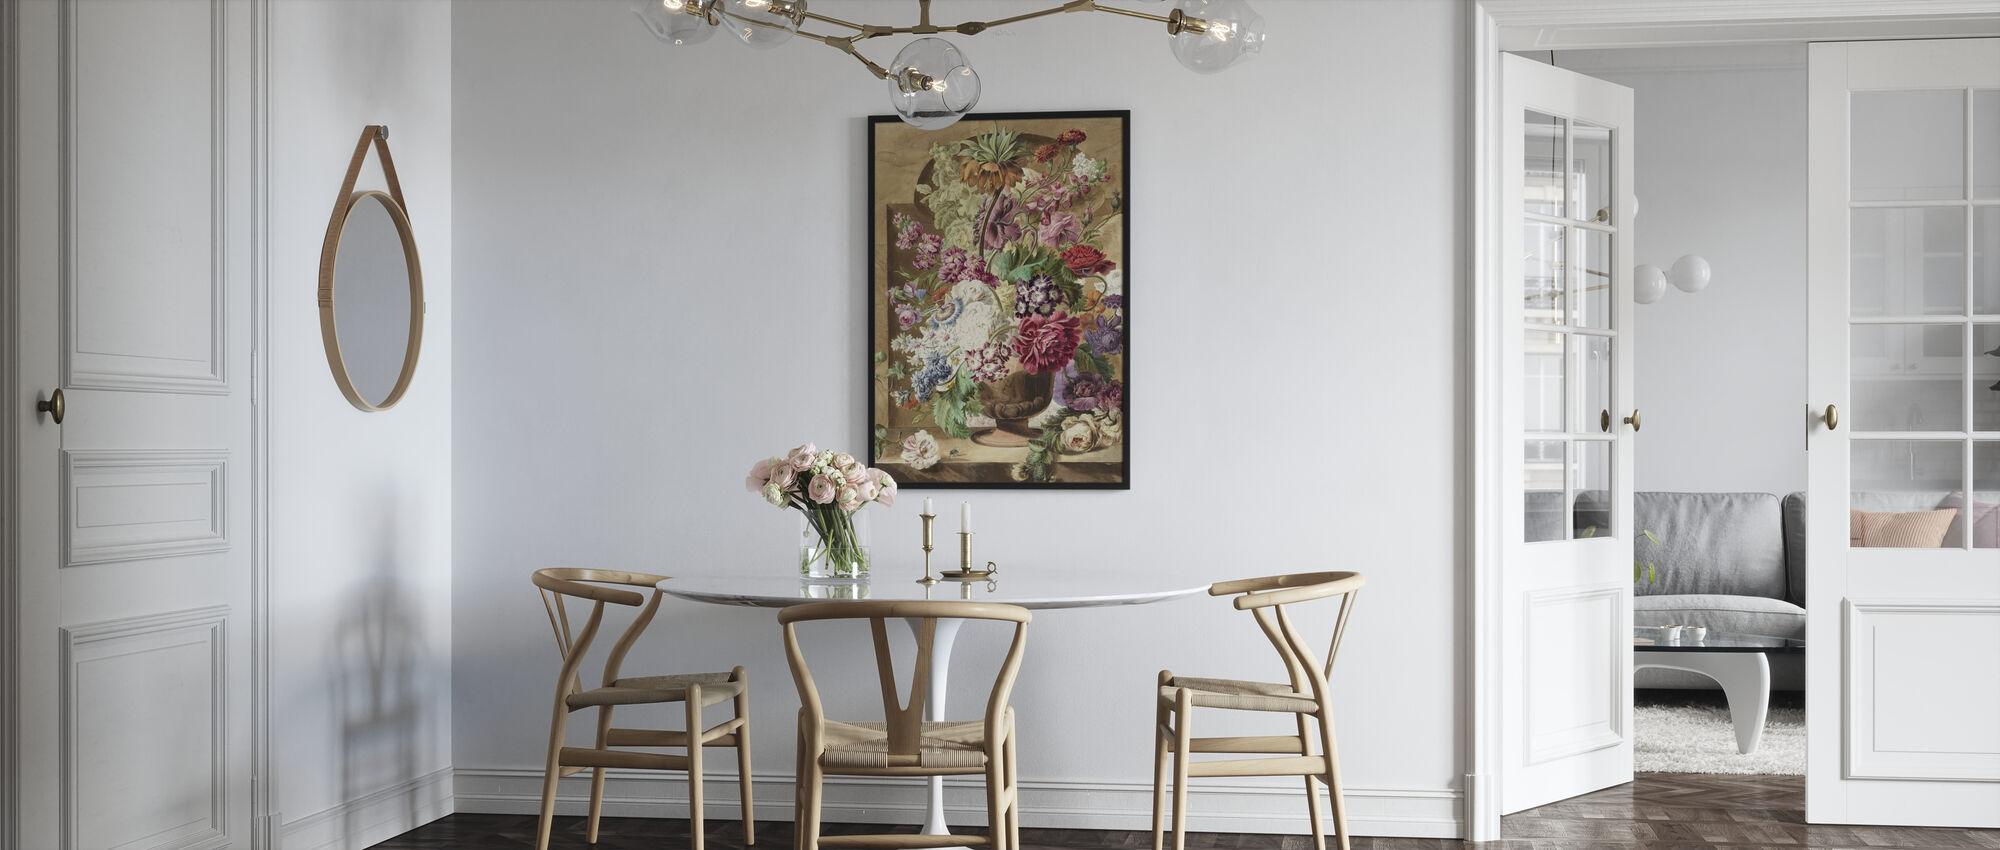 Bukett med blommor - Poster - Kök